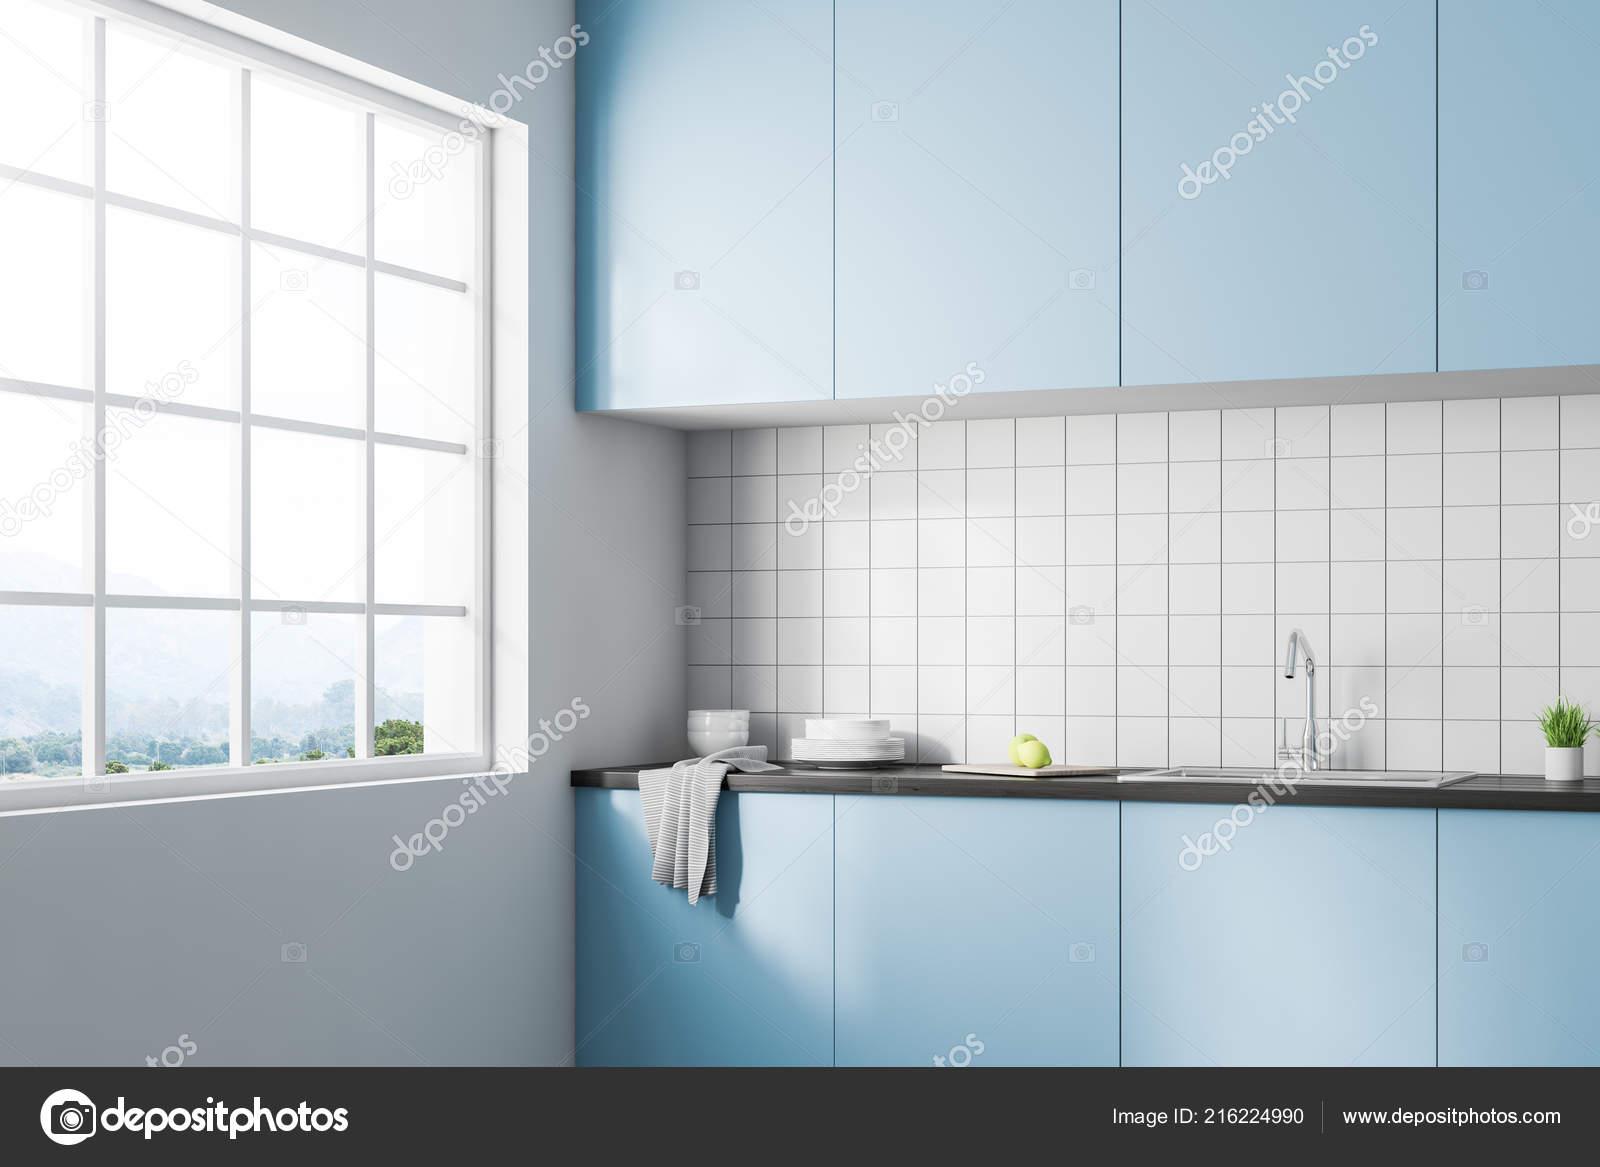 Piastrelle Blu Per Cucina | Arredare La Cucina Con Le Piastrelle ...